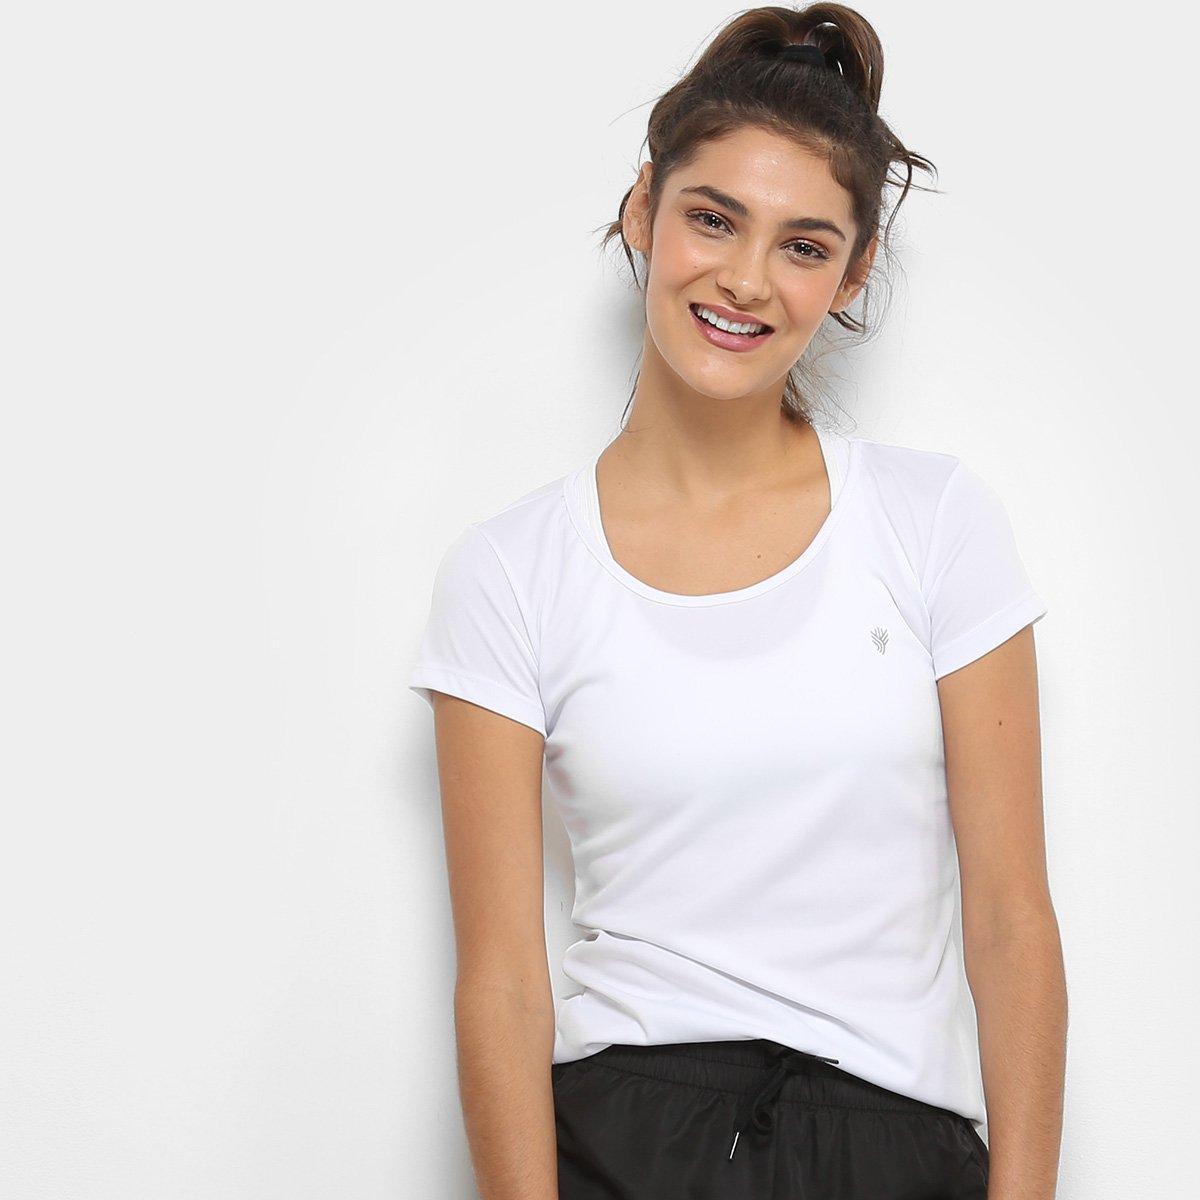 Feminina Camiseta Básica Gonew Gonew Camiseta Branco Básica Feminina Branco wzP0gq0